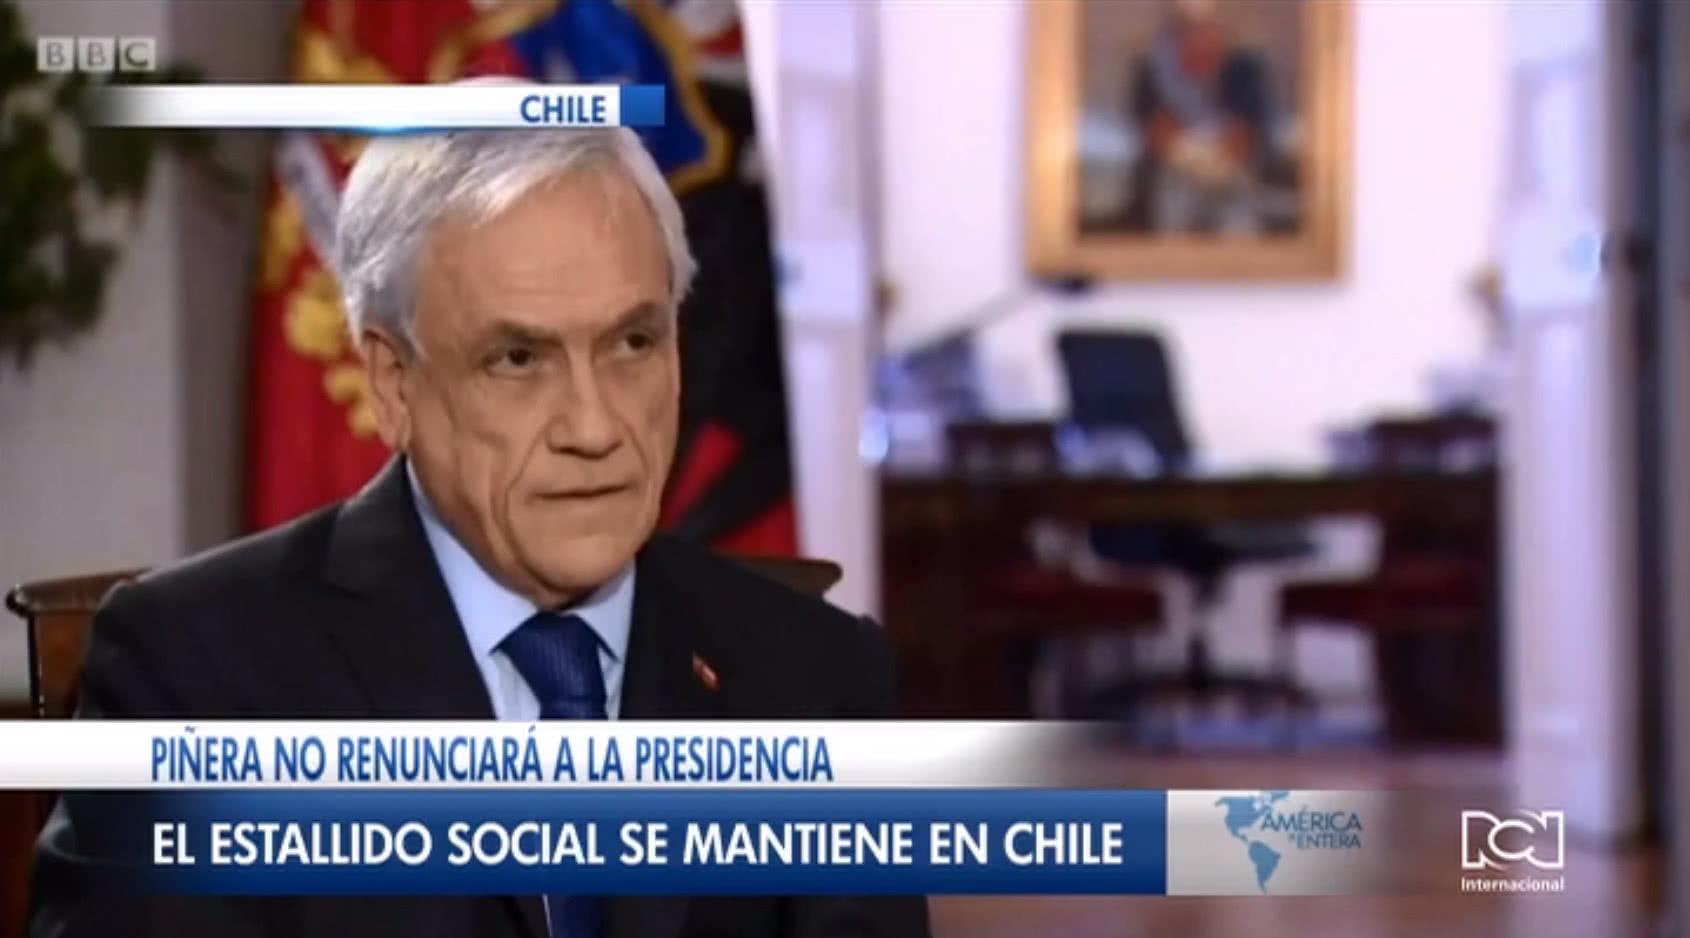 Piñera descarta su renuncia pese a que los chilenos protestan por tercera semana exigiendo su dimisión